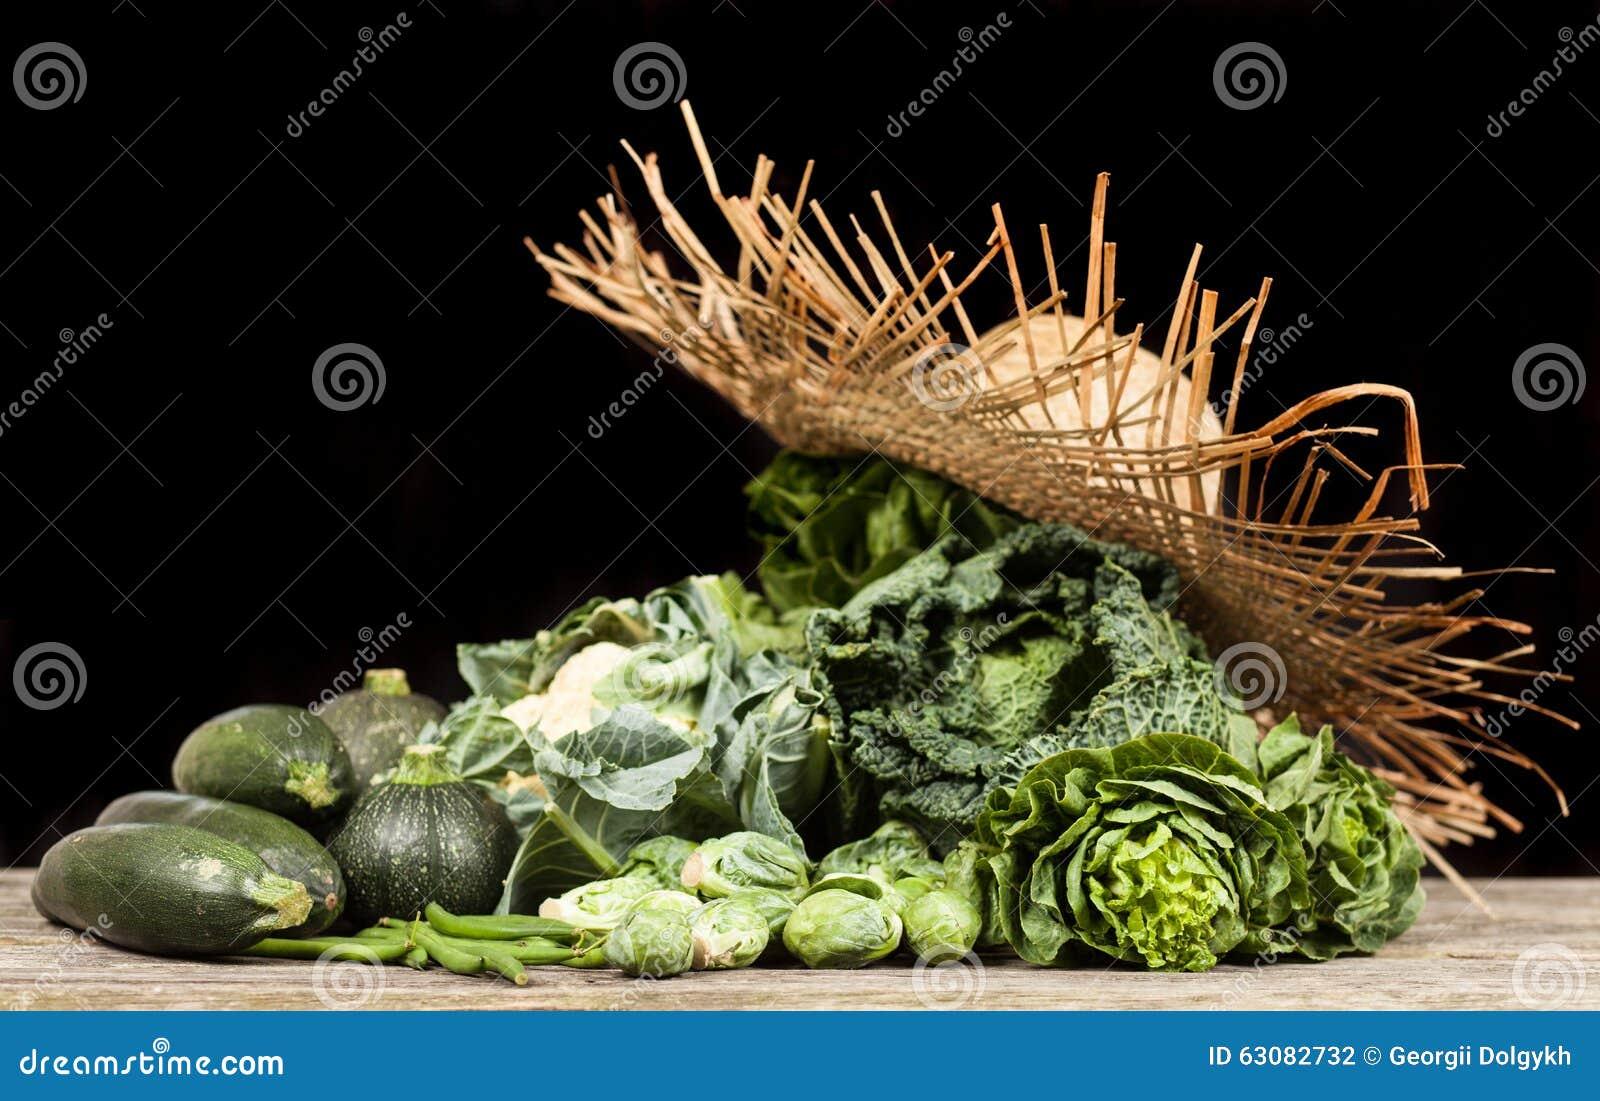 Download Assortiment Des Légumes Verts Photo stock - Image du feuillu, collecte: 63082732